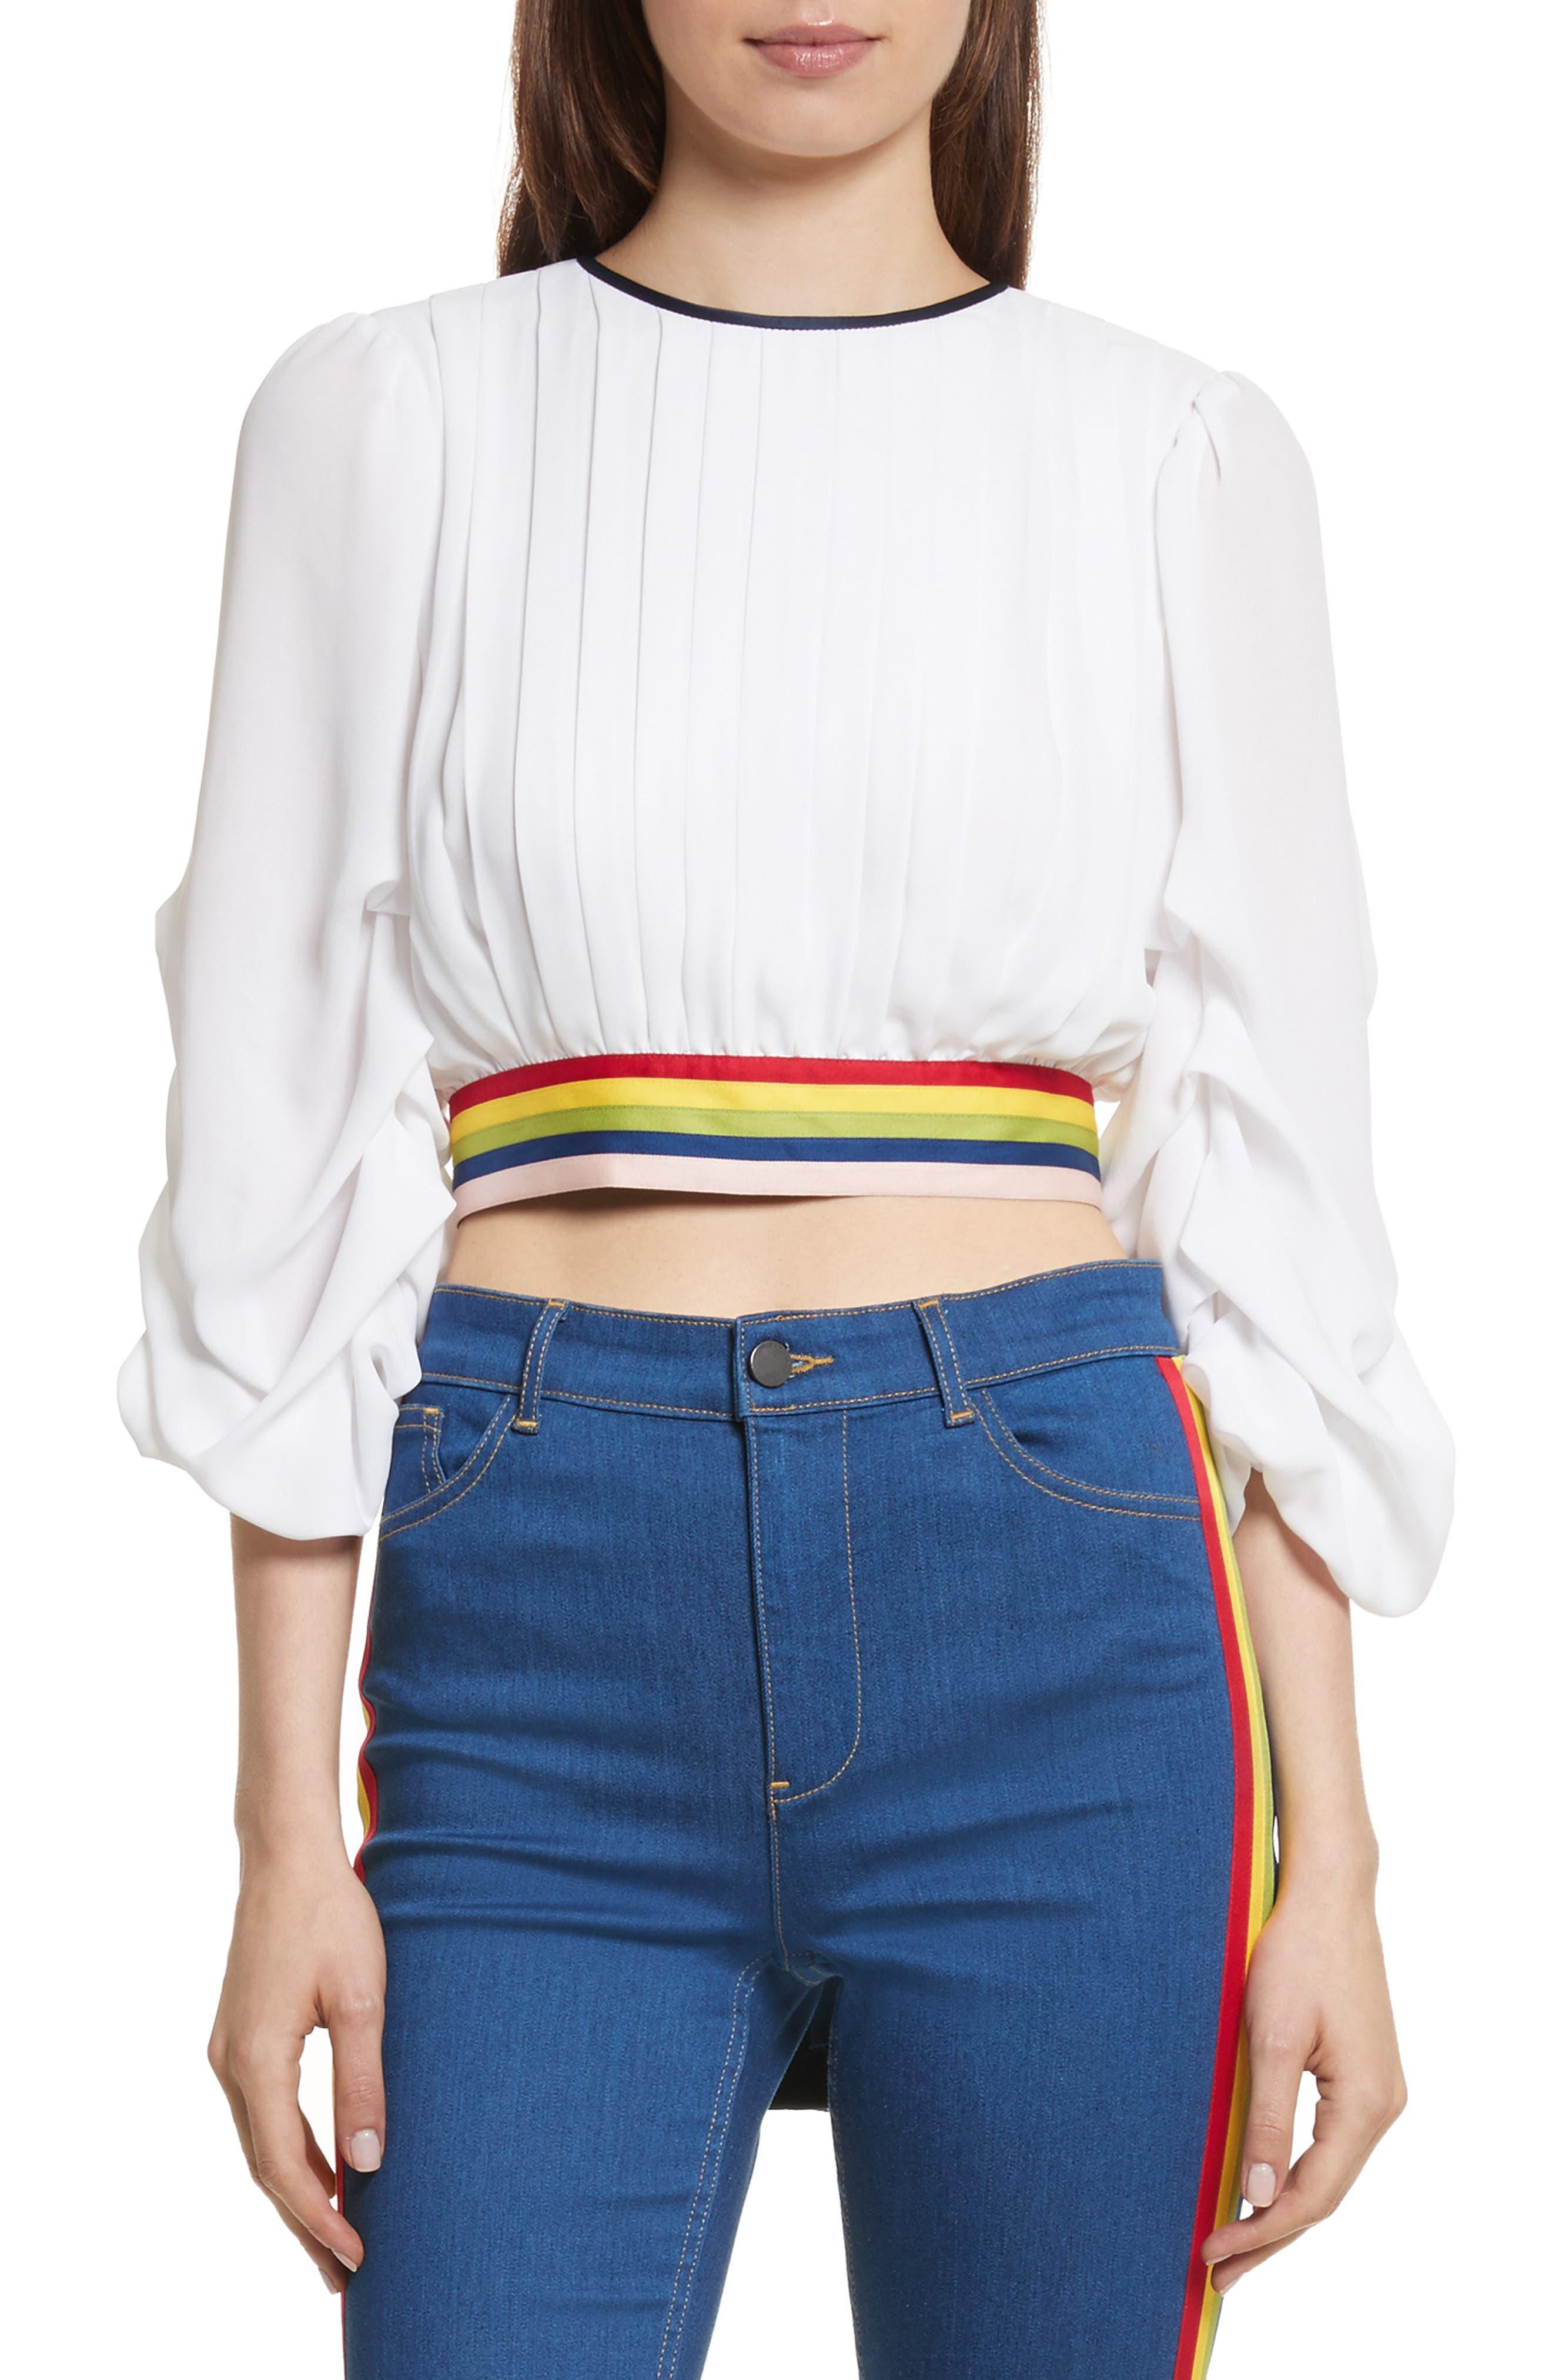 Dakota Tack Sleeve Top,                             Main thumbnail 1, color,                             White/ Multi